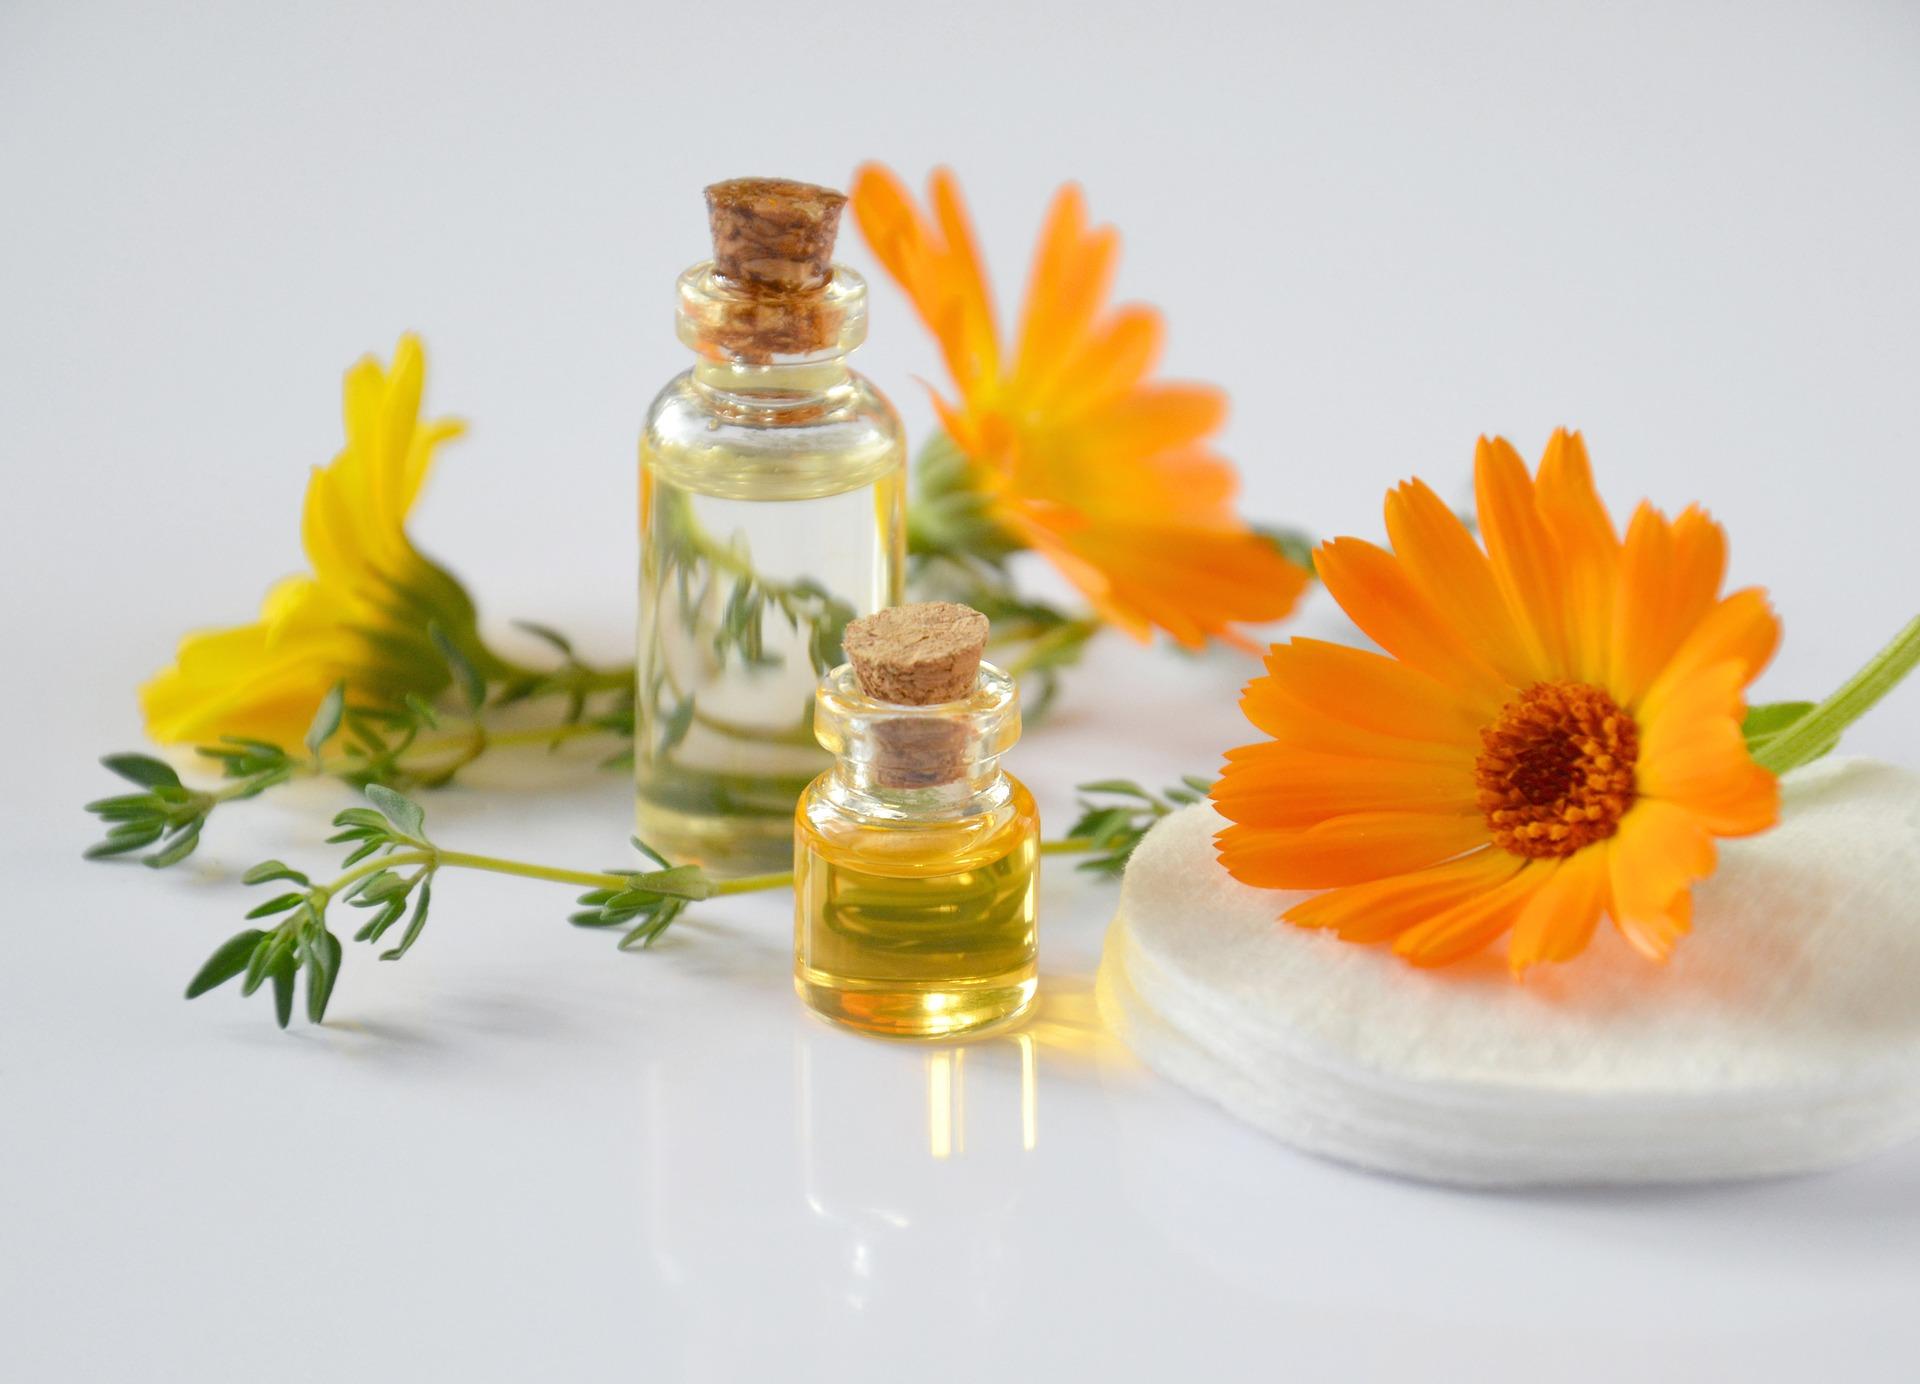 olio E.V.O. come cosmetico